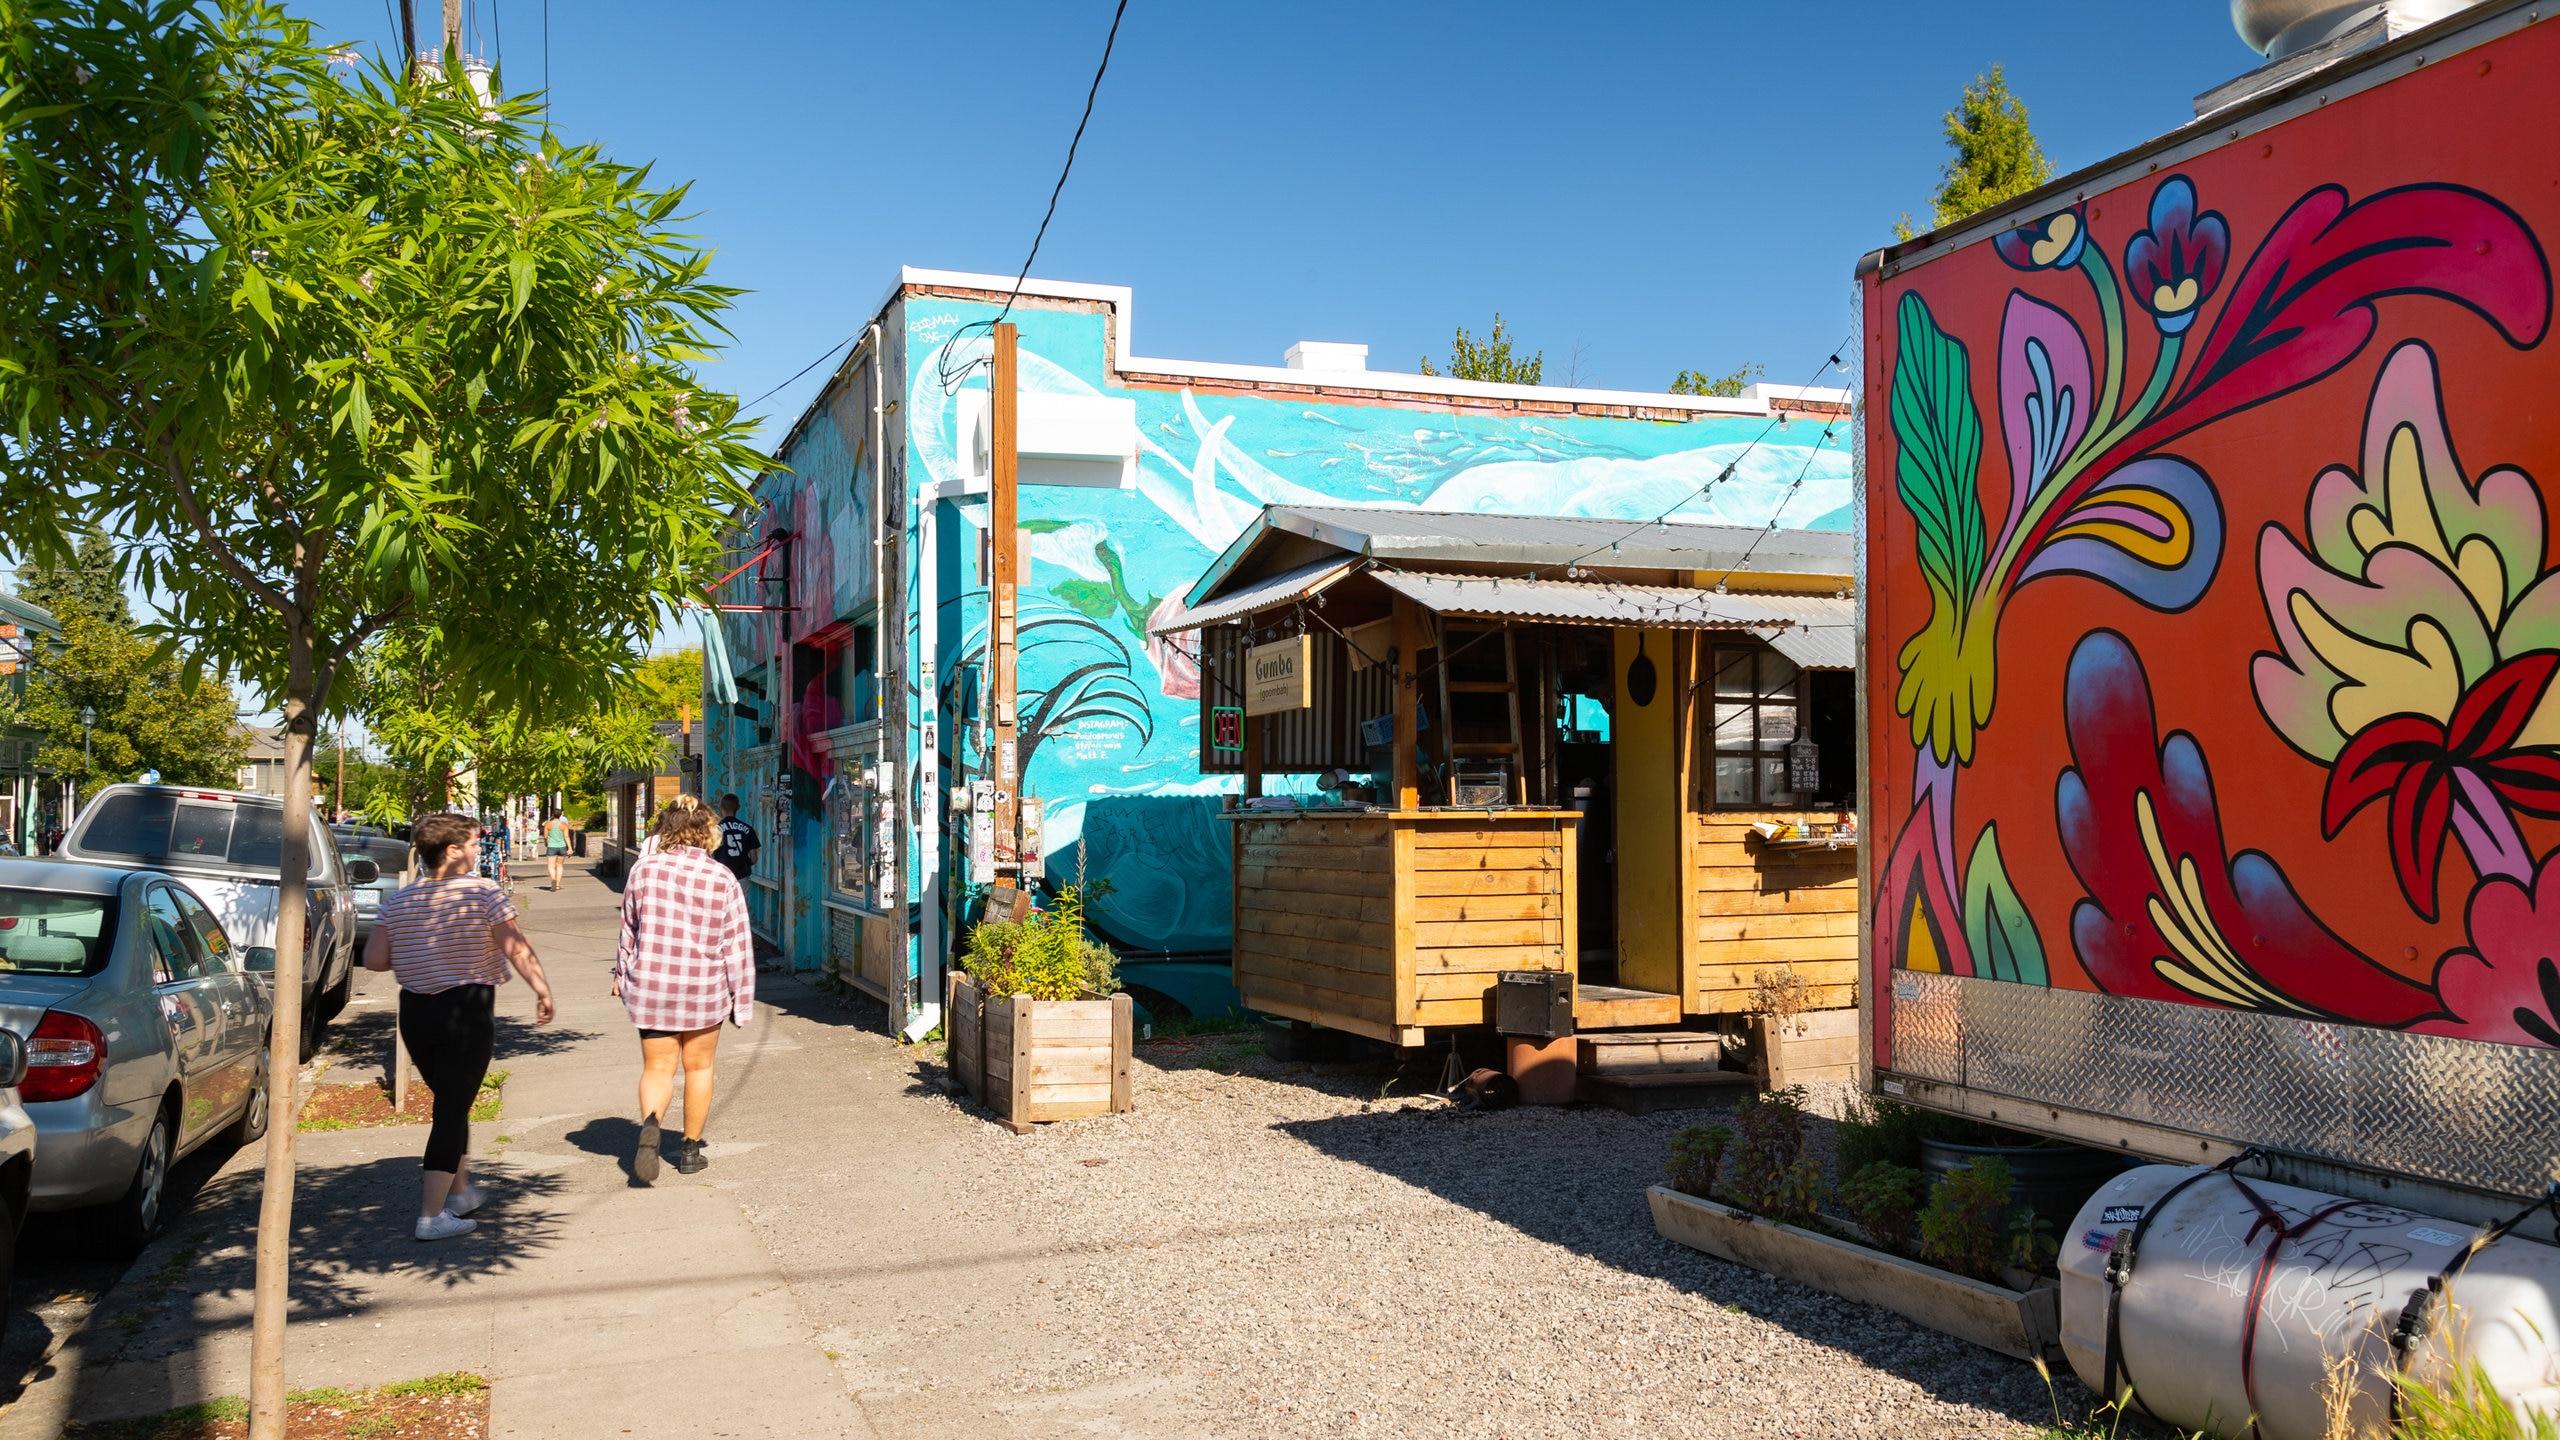 Alberta Arts District, Concordia, Oregon, United States of America